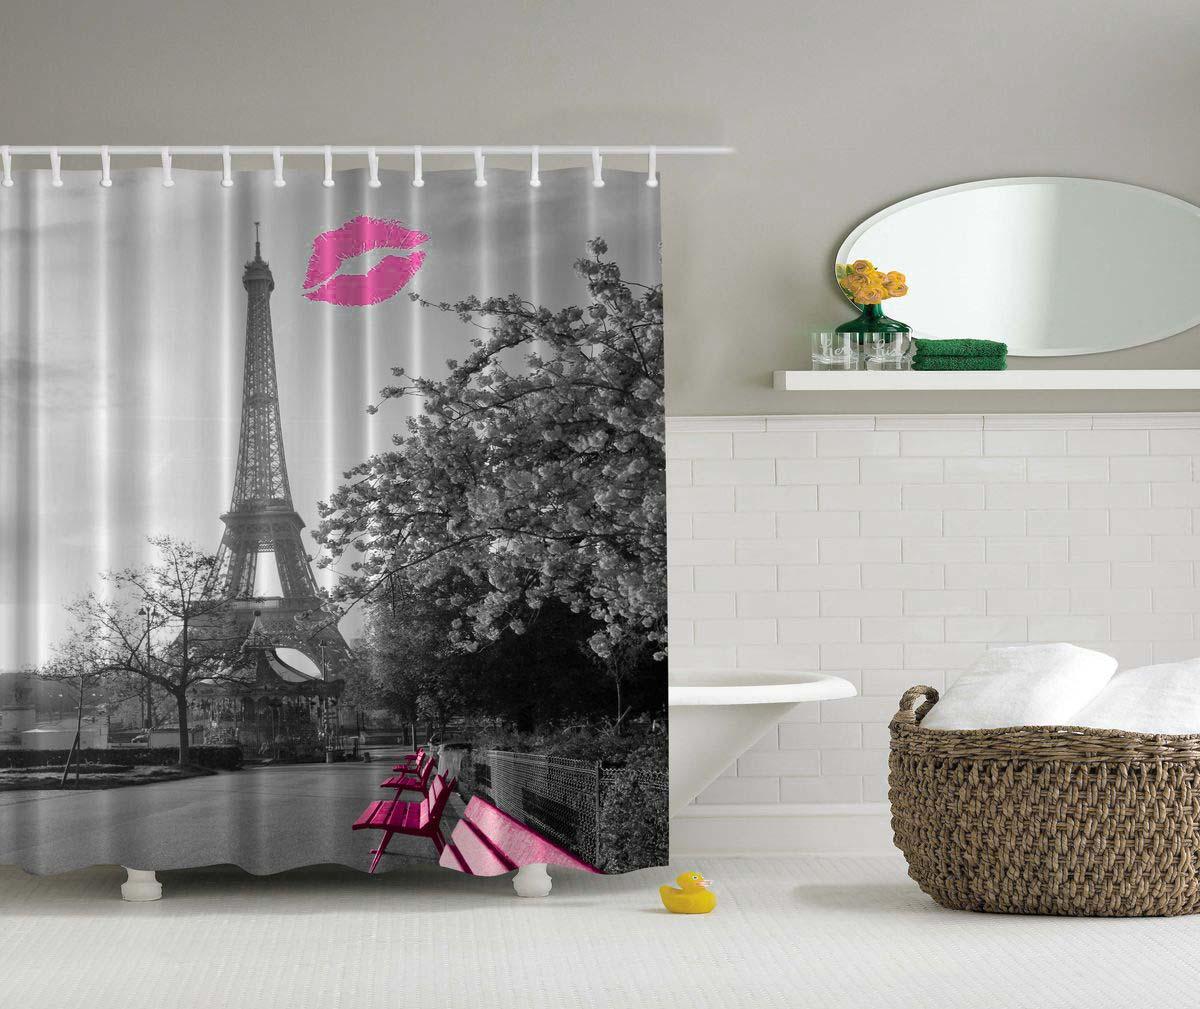 Штора для ванной комнаты Magic Lady Поцелуй в Париже, 180 х 200 см штора для ванной комнаты magic lady дерево в волшебном лесу цвет коричневый оранжевый 180 х 200 см page 4